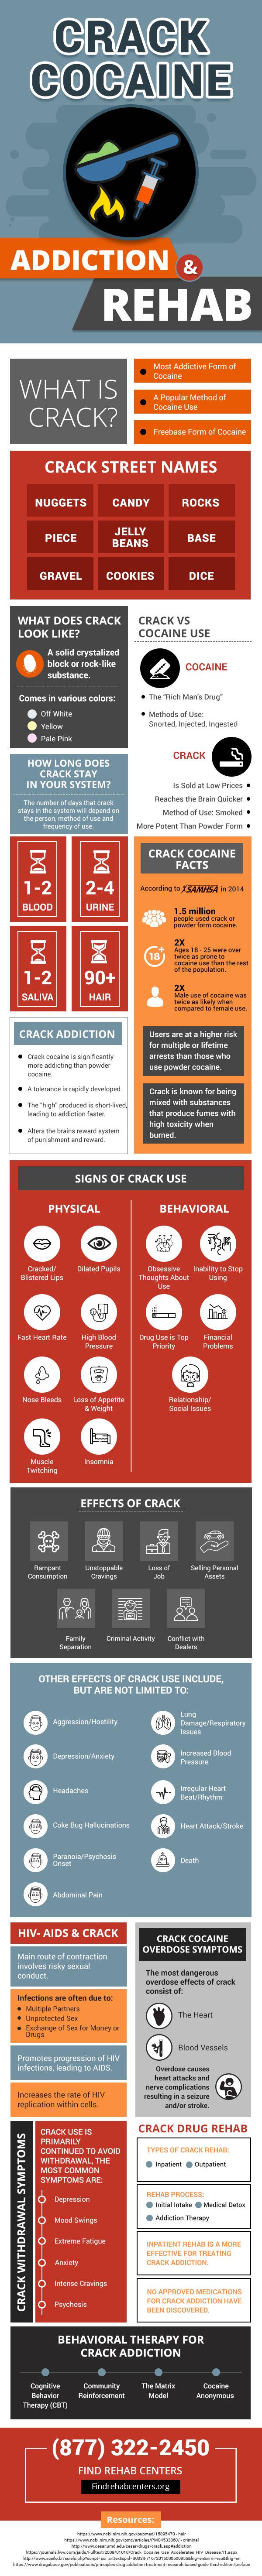 Crack Cocaine Addiction and Rehab